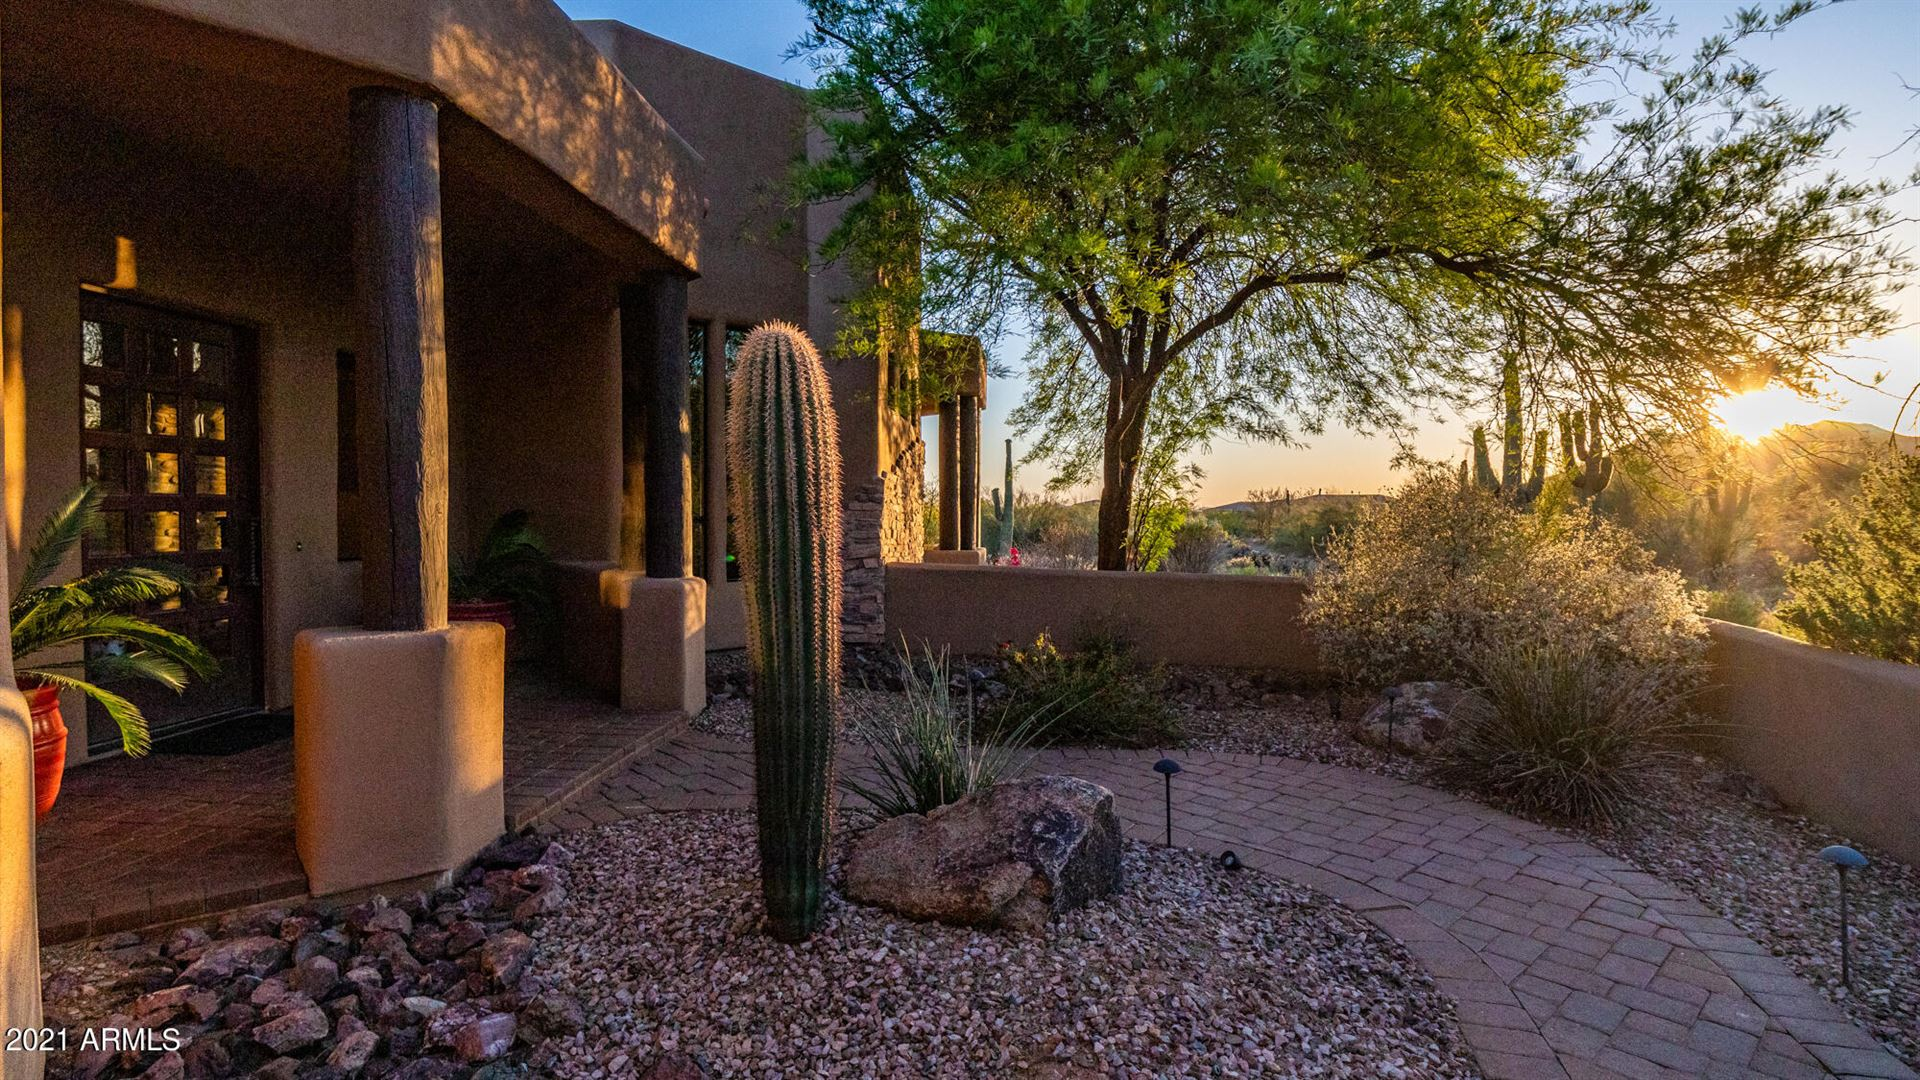 Photo of 5463 E BUTTE CANYON Drive, Cave Creek, AZ 85331 (MLS # 6232992)